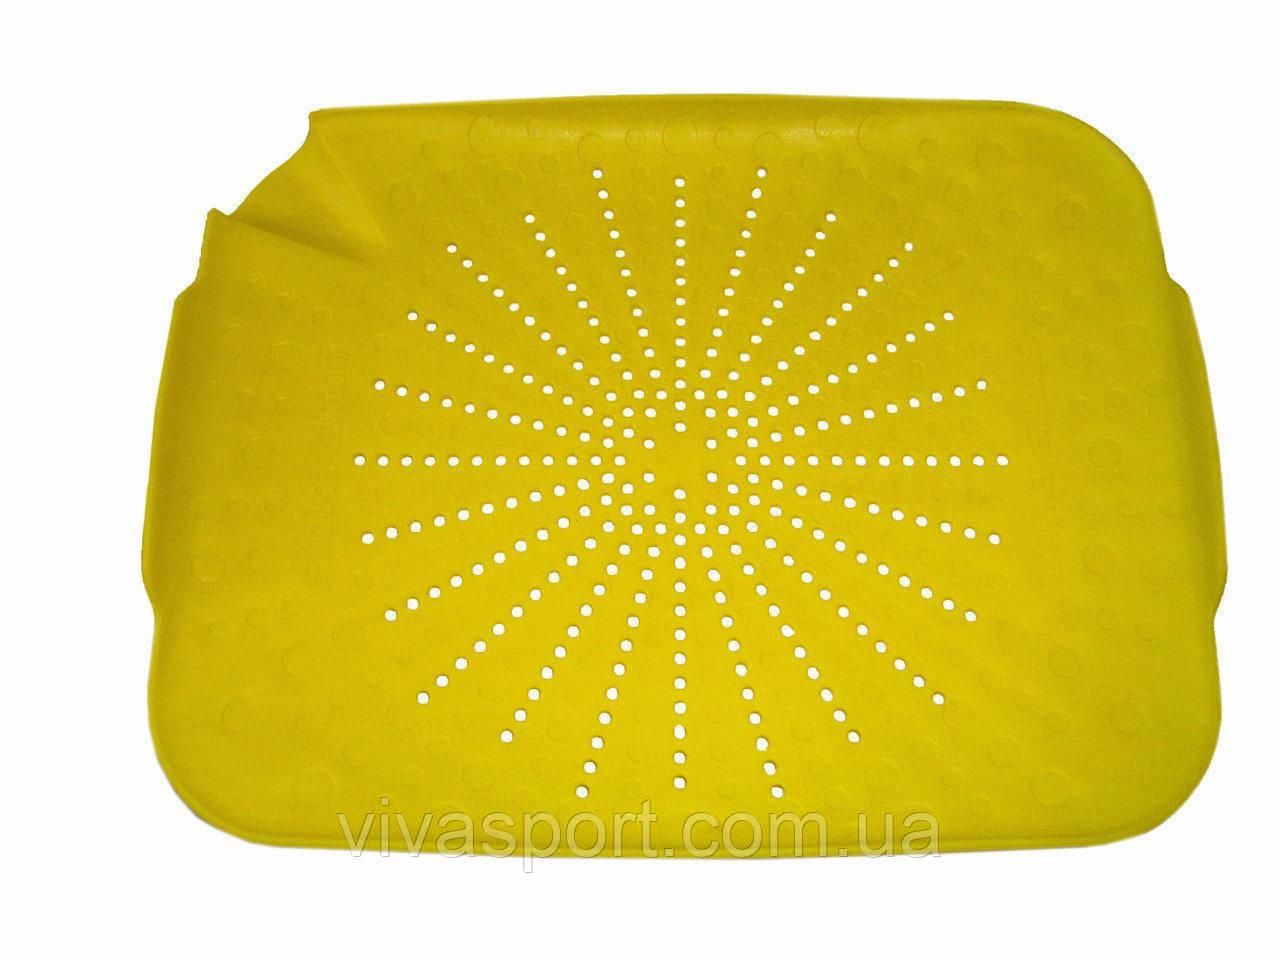 Пластиковый коврик-дуршлаг для раковины, многофункциональный дуршлаг